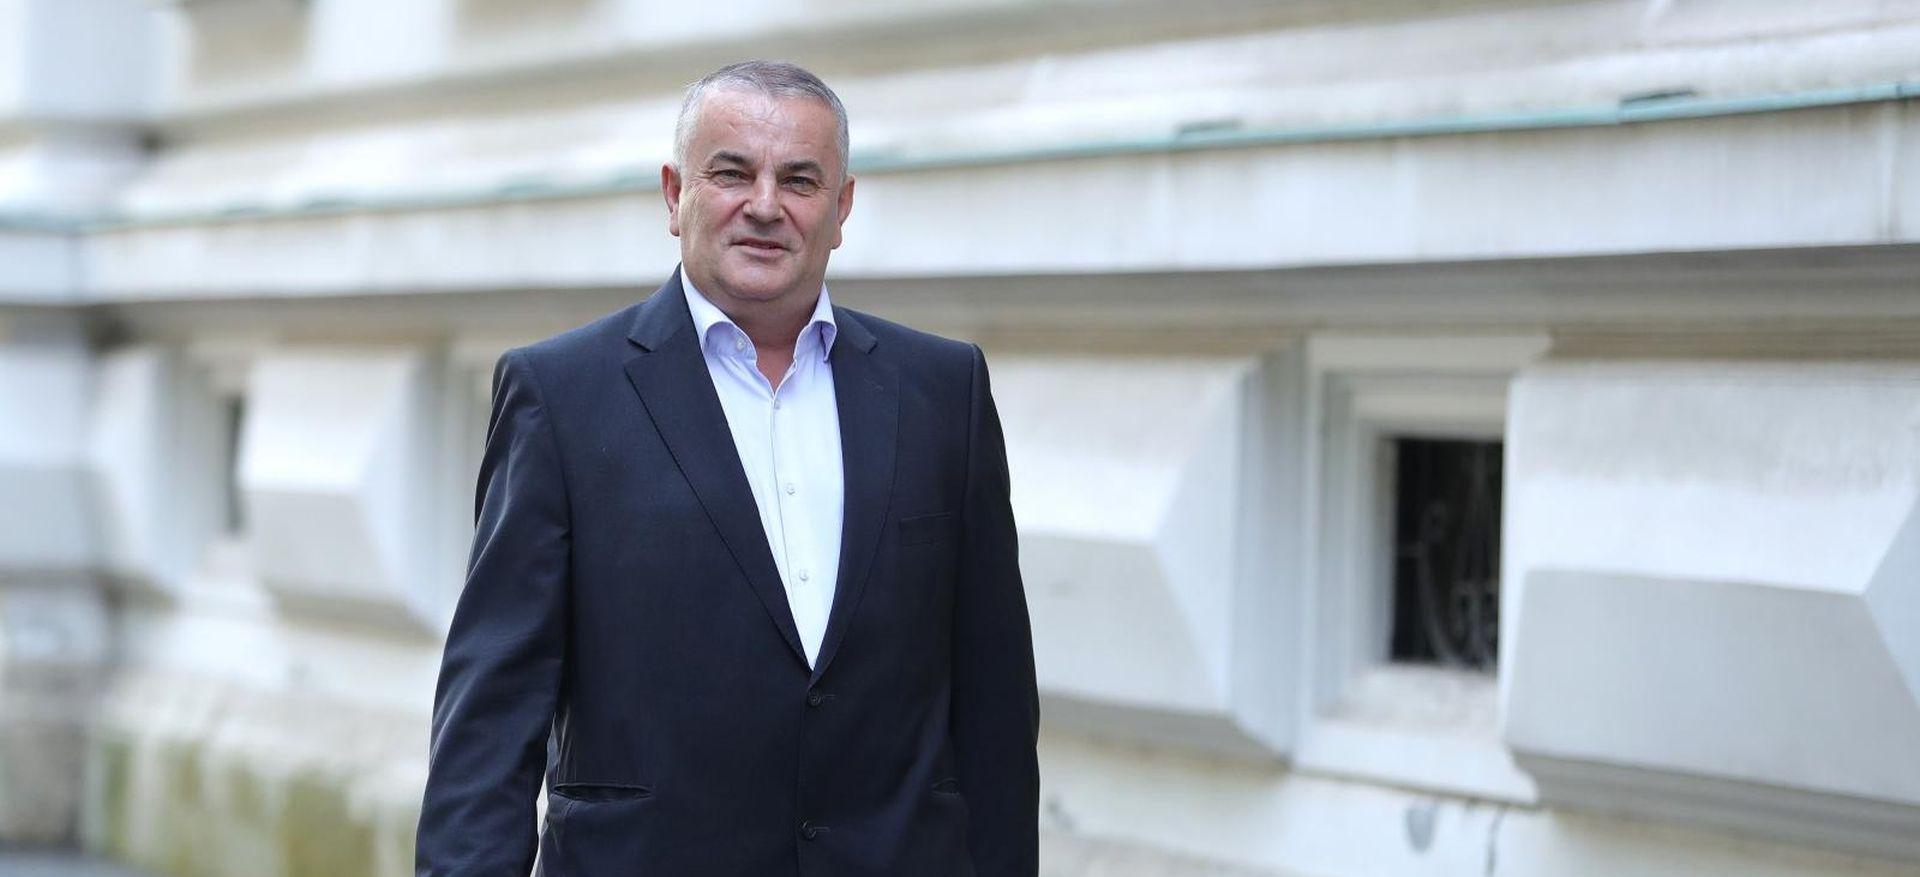 Pravomoćno osuđeni poduzetnik Drago Tadić pobjegao u BiH